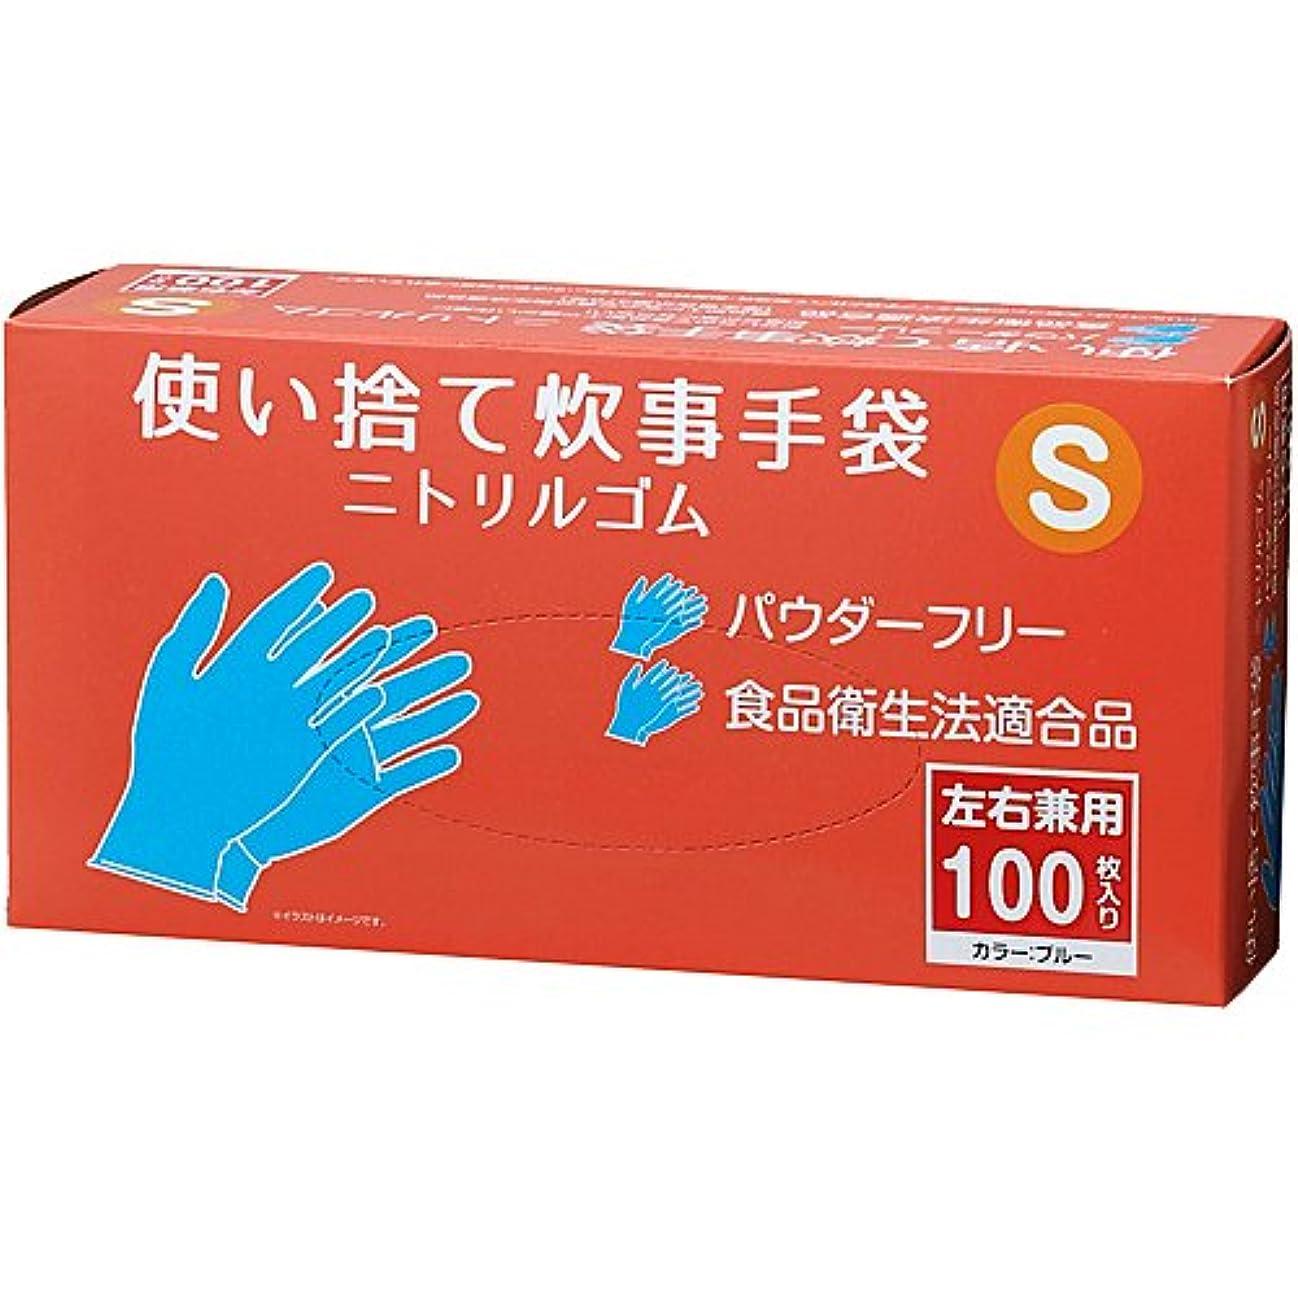 工業化する伝統的再びコーナンオリジナル 使い捨て炊事手袋 ニトリルゴム 100枚入り S KFY05-1142